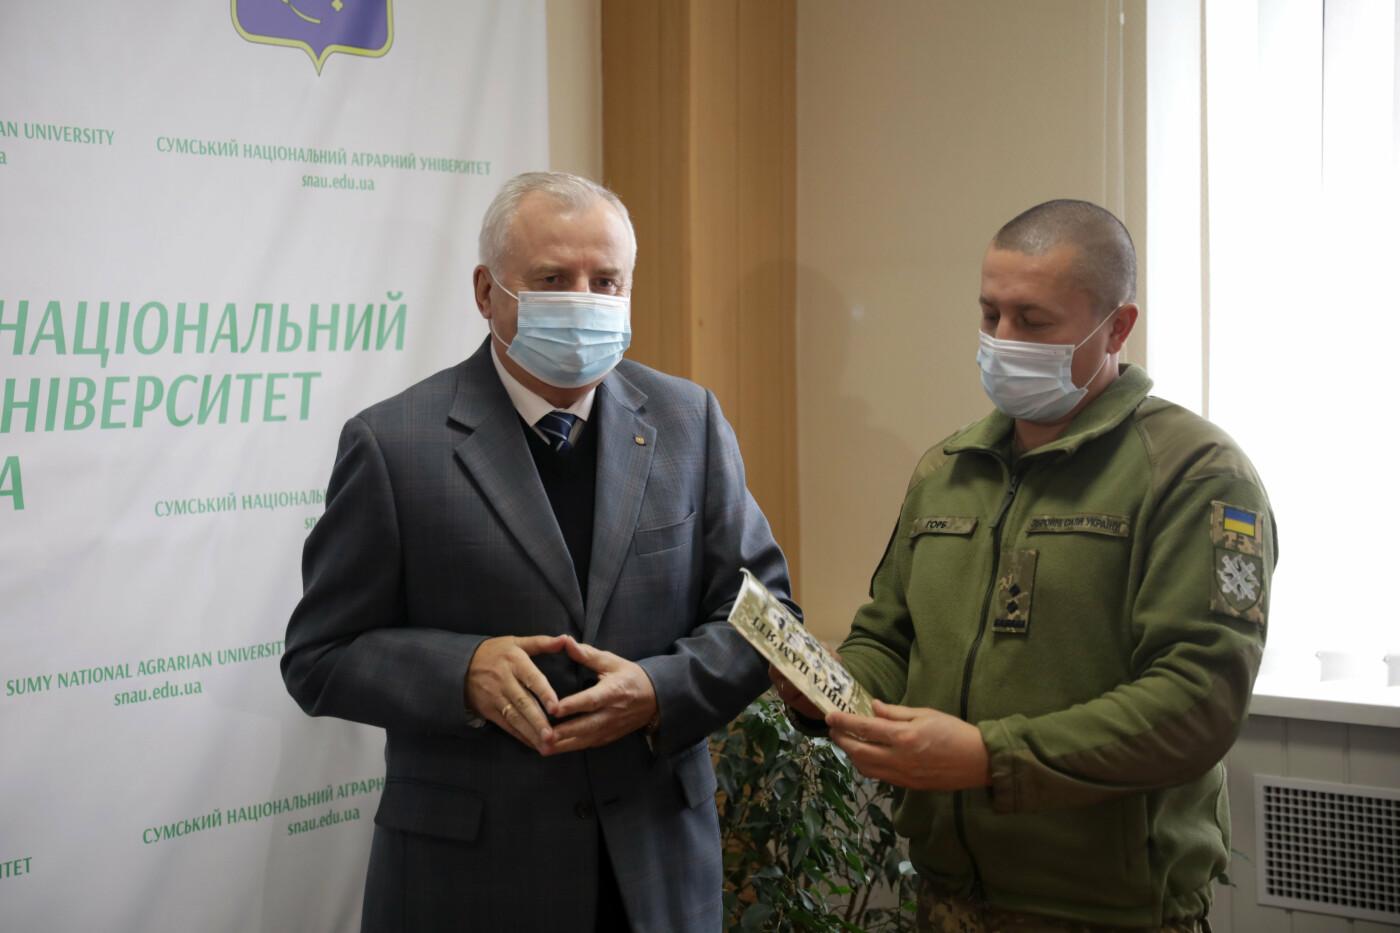 Сумський НАУ підтримав видавництво Книги пам'яті героїв війни на Донбасі, фото-3